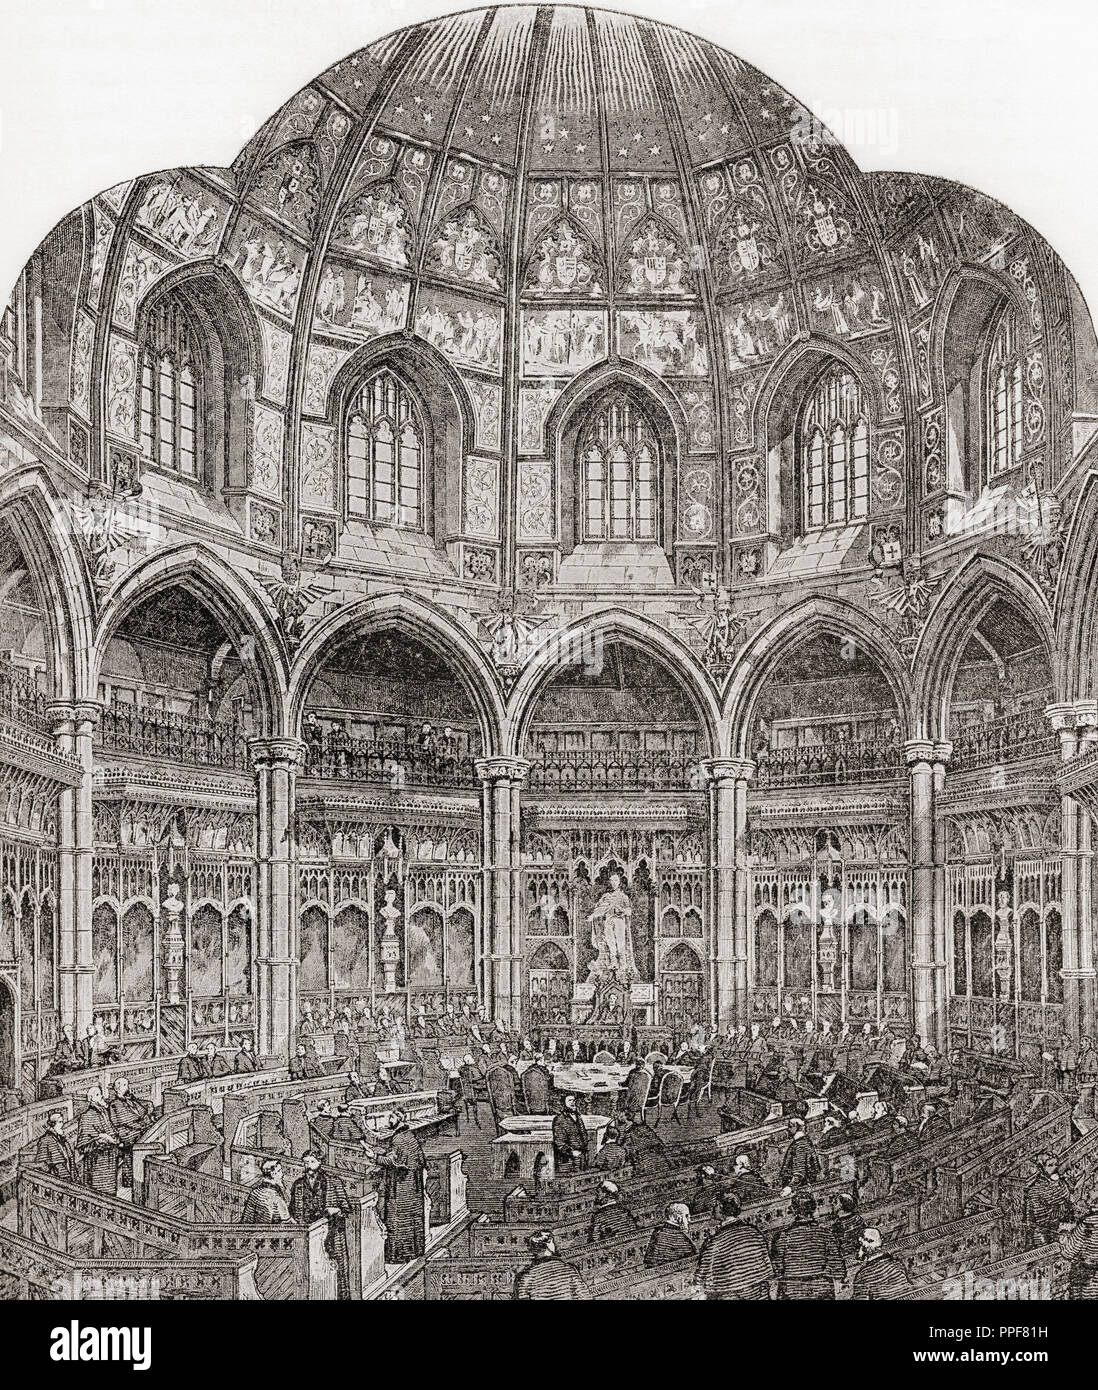 La nueva sala del consejo común, Guildhall, de Londres, Inglaterra en el siglo XIX. Imágenes de Londres, publicado el año 1890. Imagen De Stock